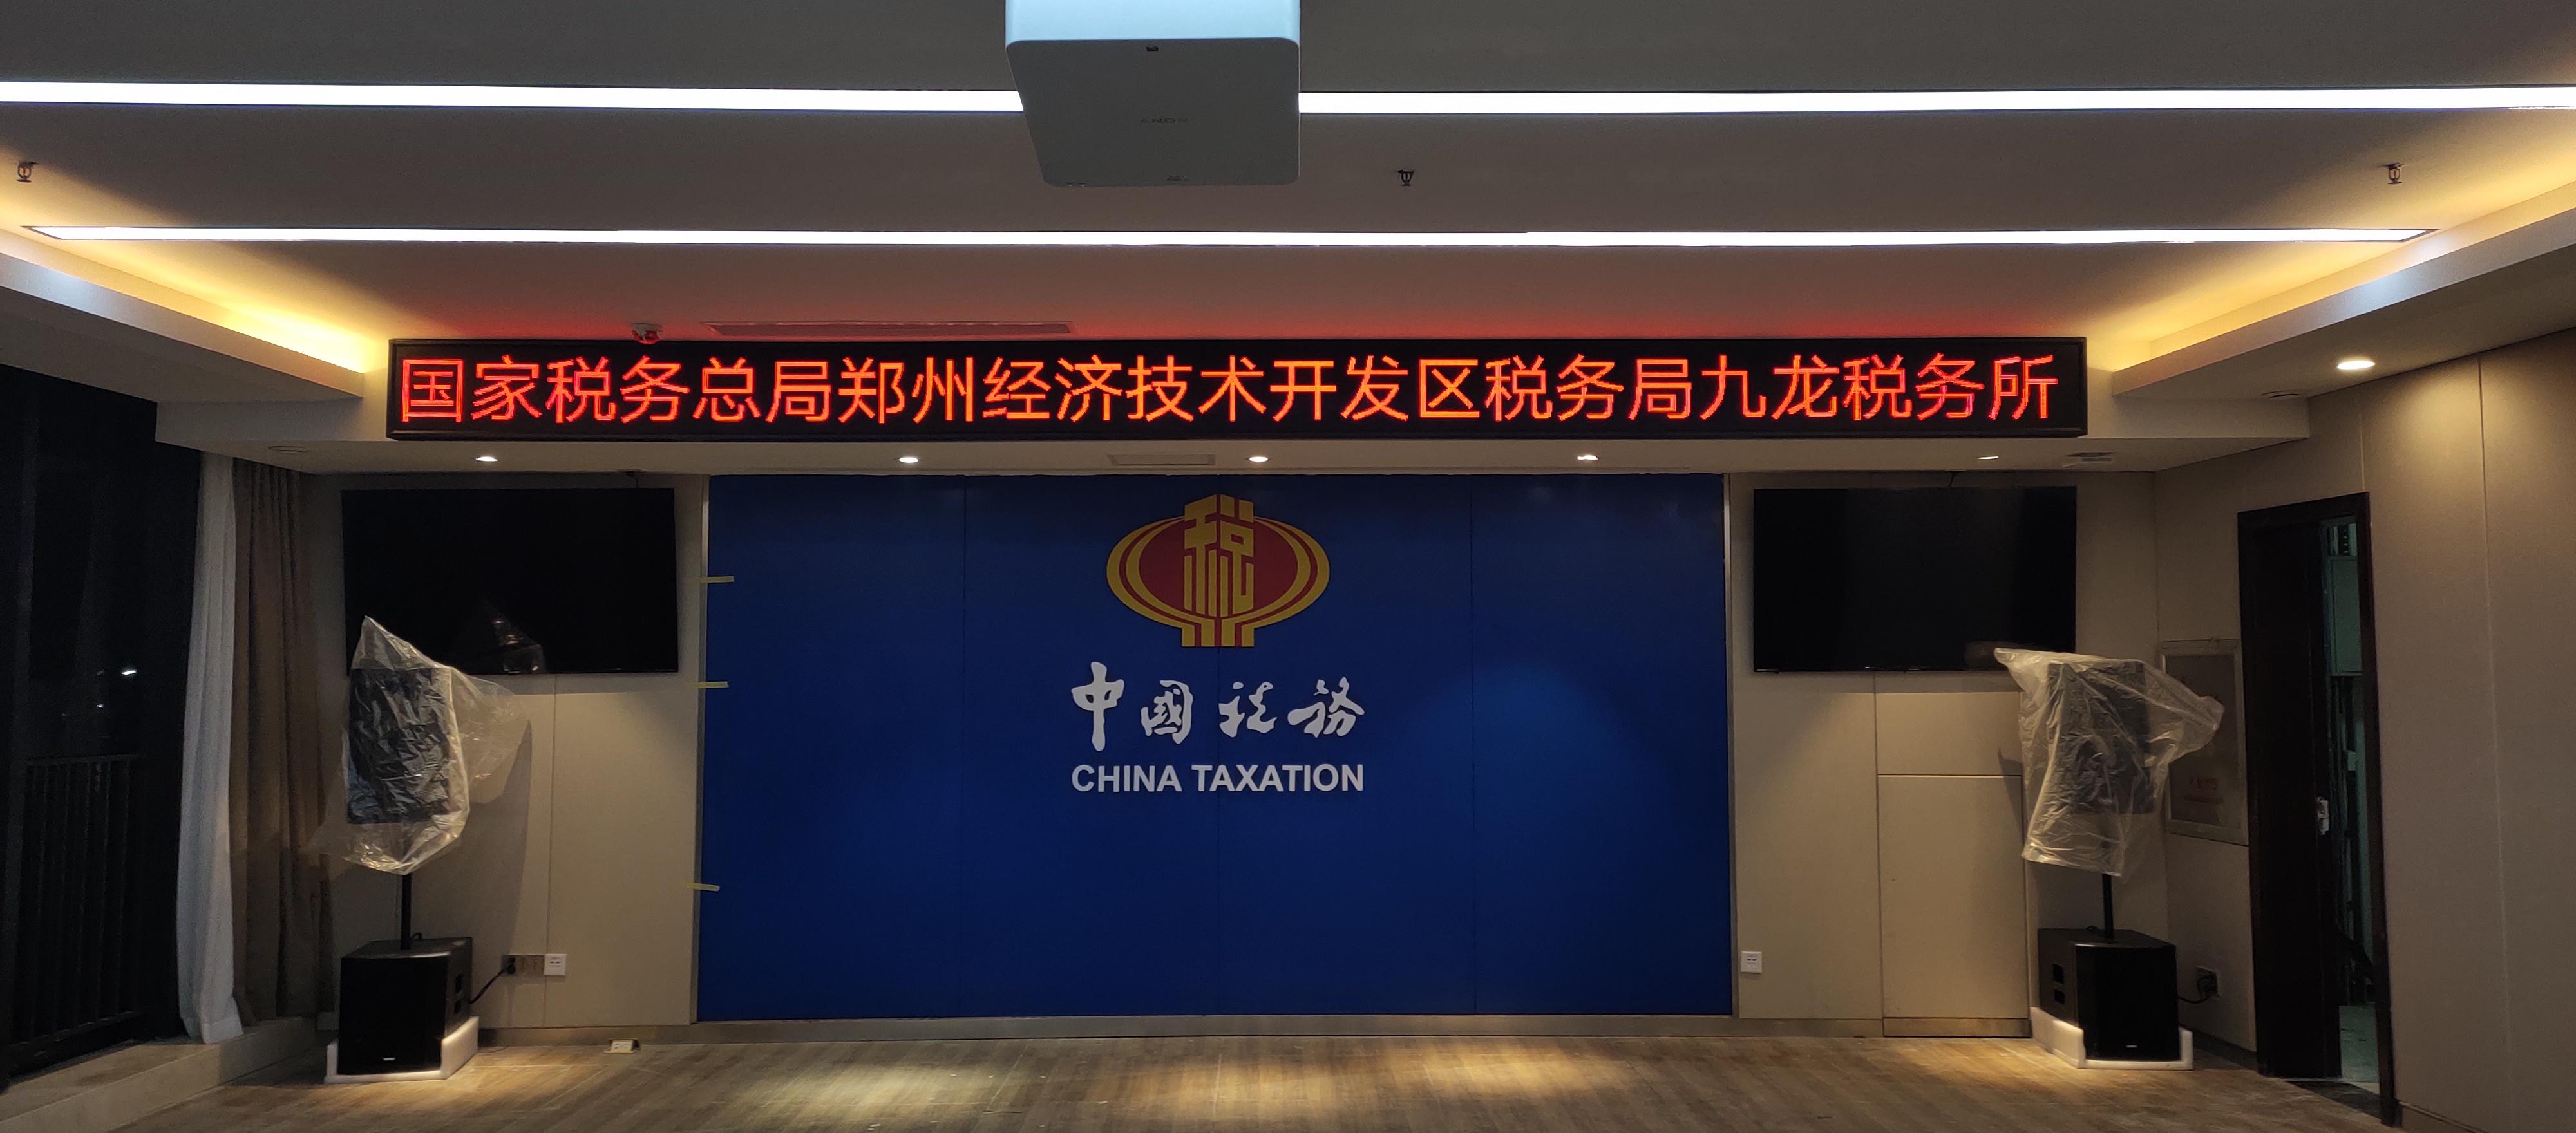 郑州九龙税务所室内F3.75单色窗口屏